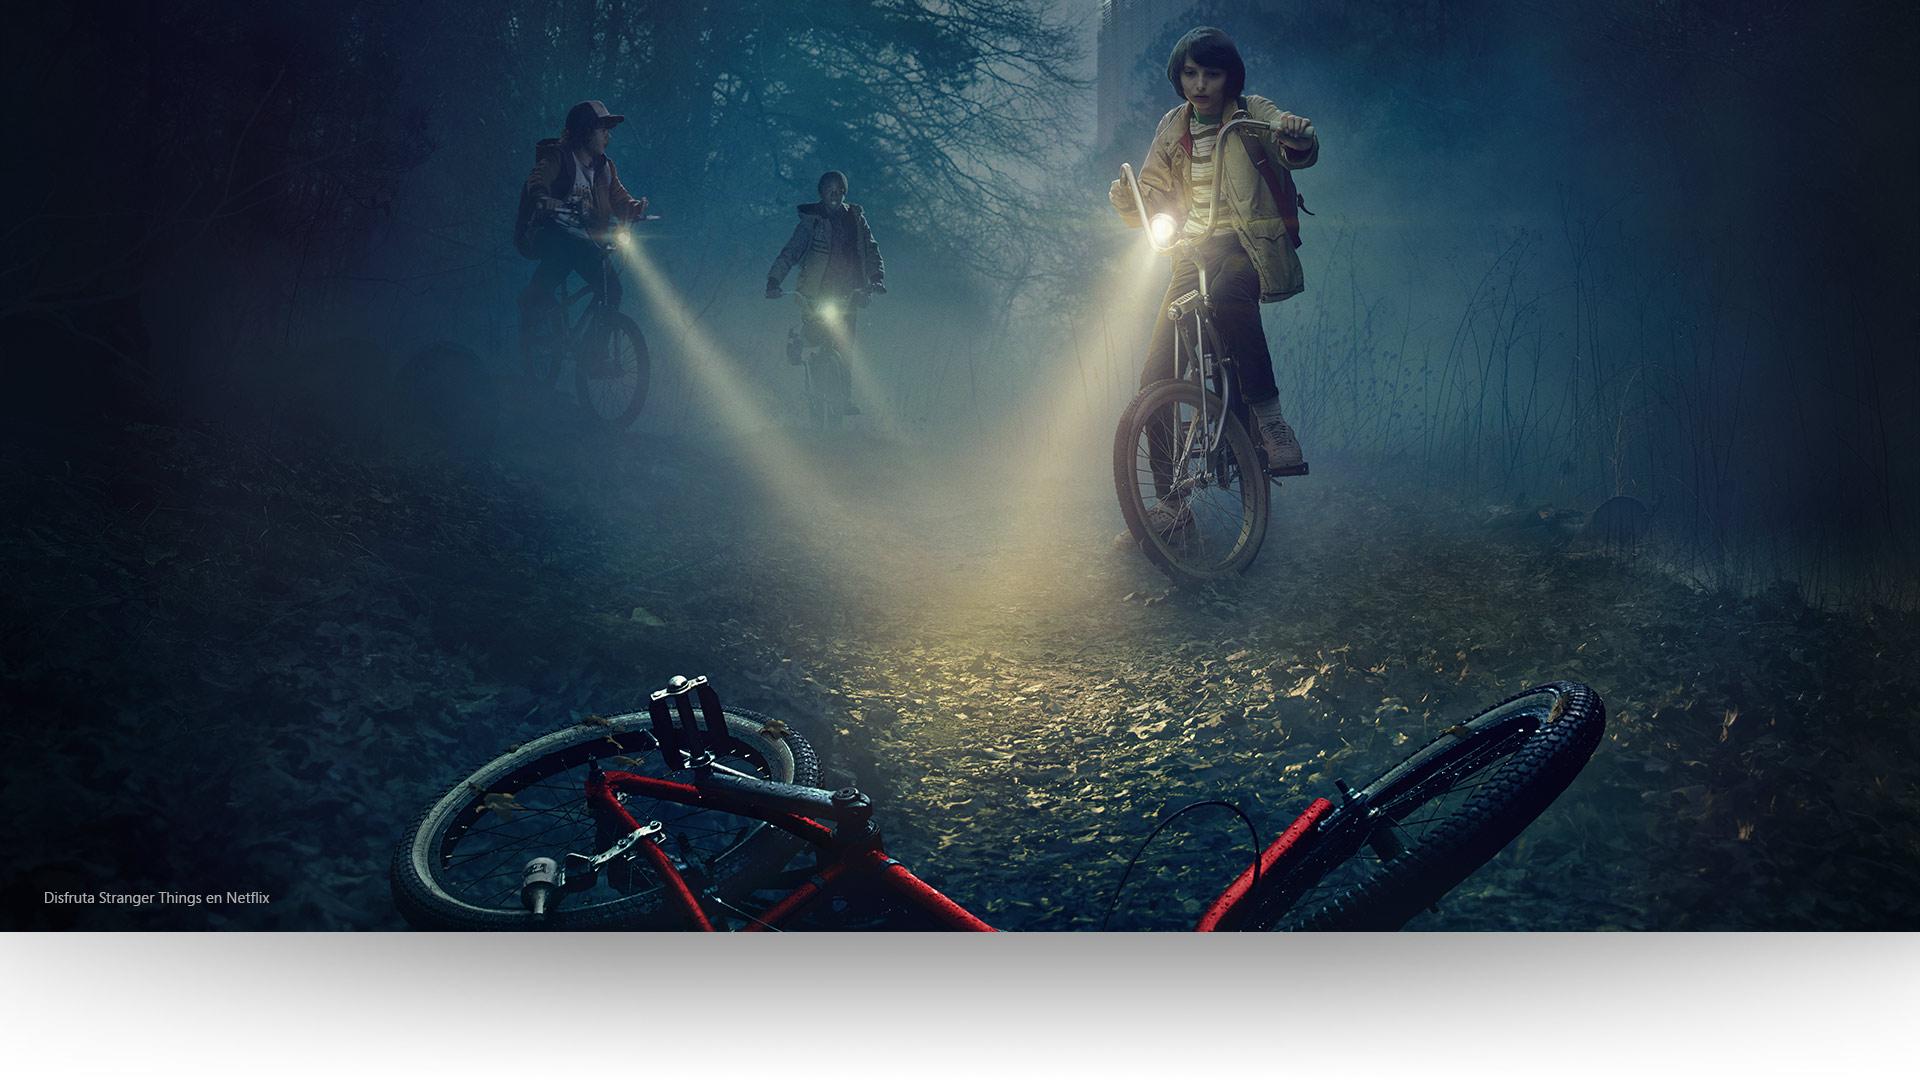 Una escena de Stranger Things en la que los niños descubren una bicicleta en el bosque